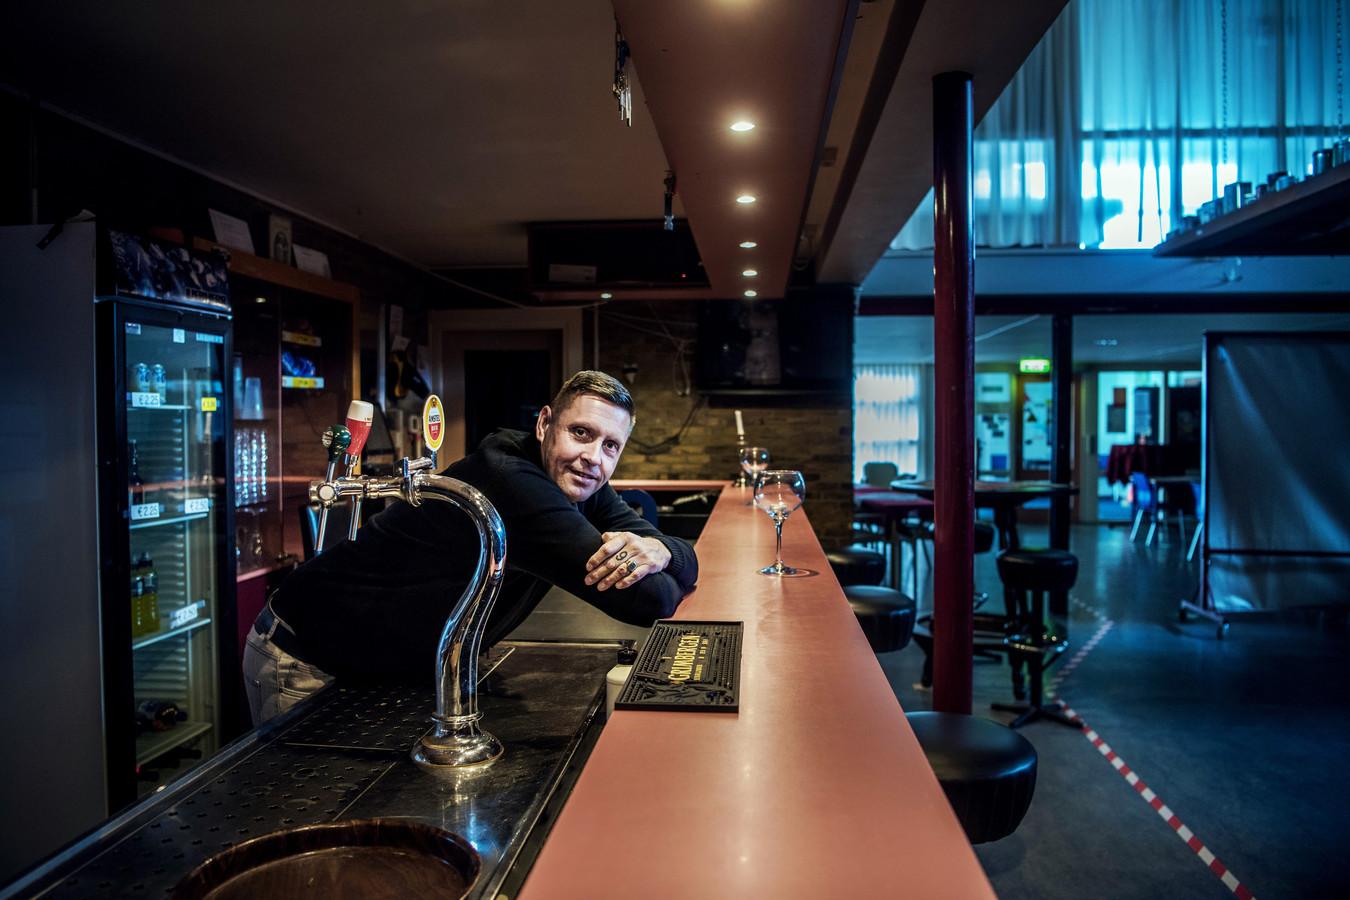 René Tjarks begon in november René's sportcafé in Stadskanaal. Een droom die uitkomt. Daarnaast wordt hij ook beheerder van het aangrenzende sportcomplex.